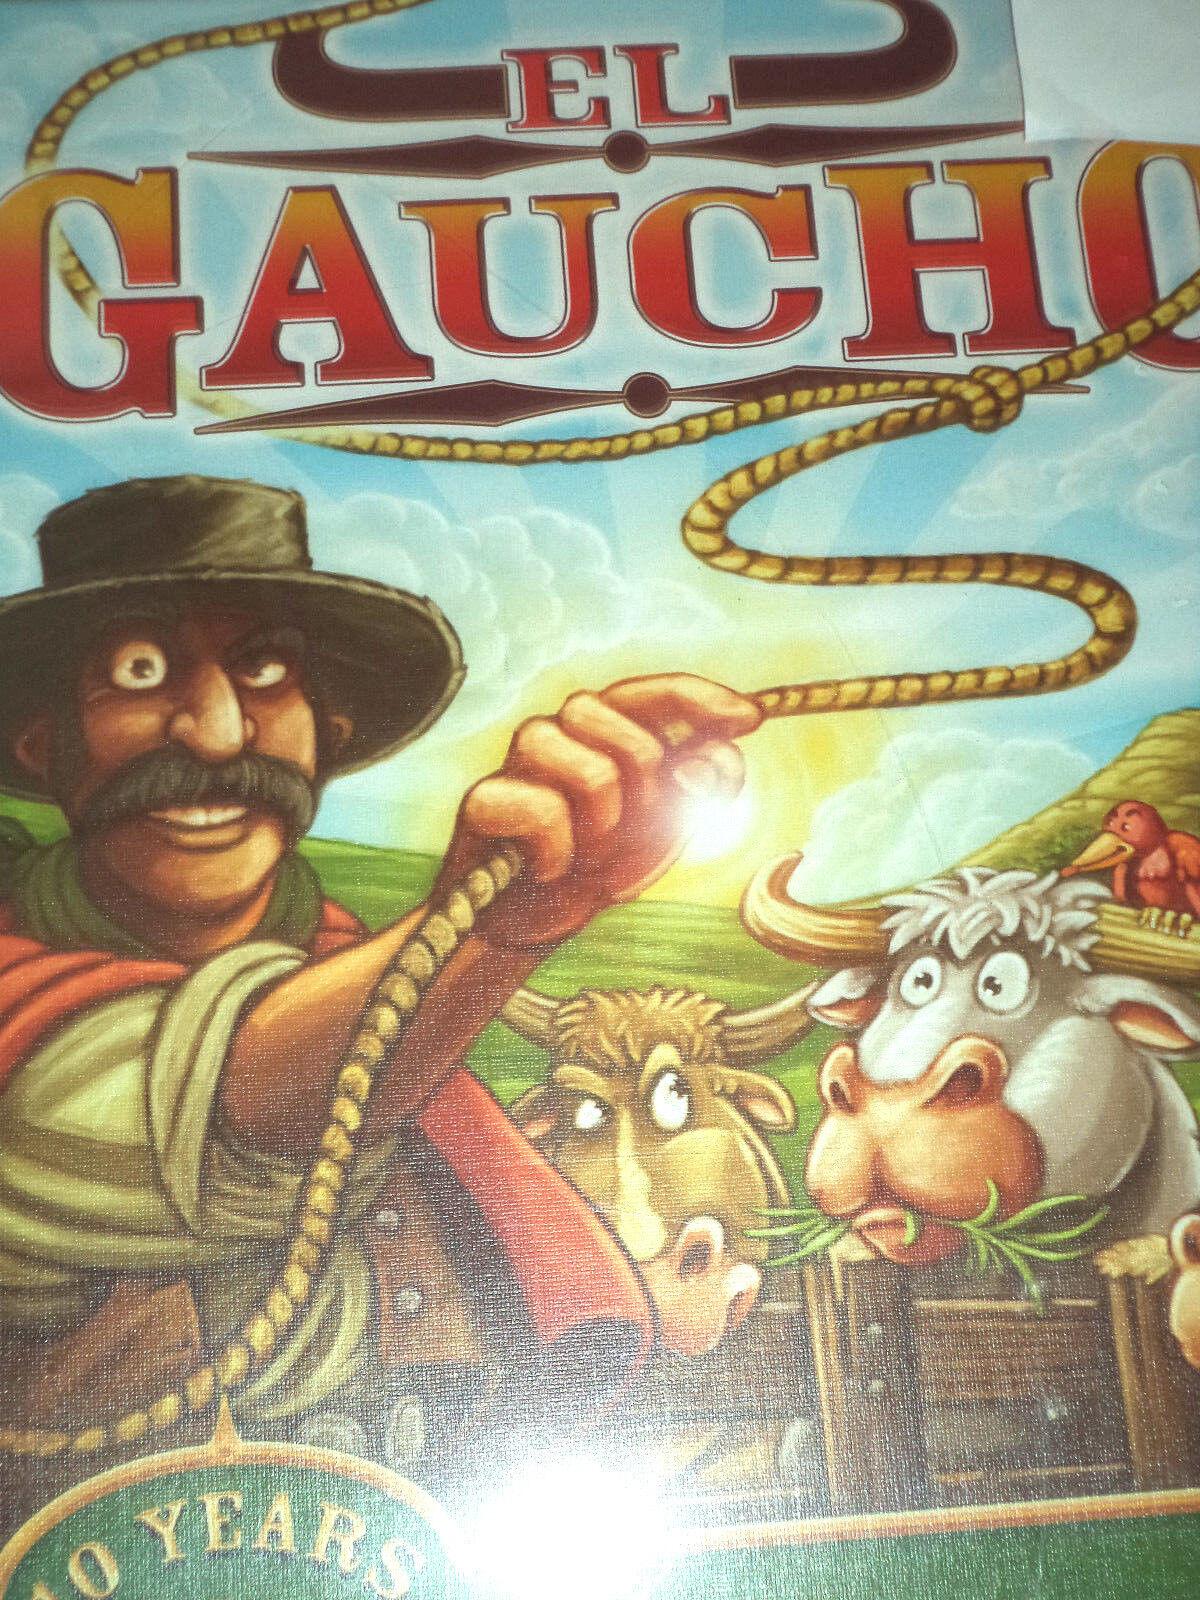 El Gaucho - argentoum Games Western Board Game New